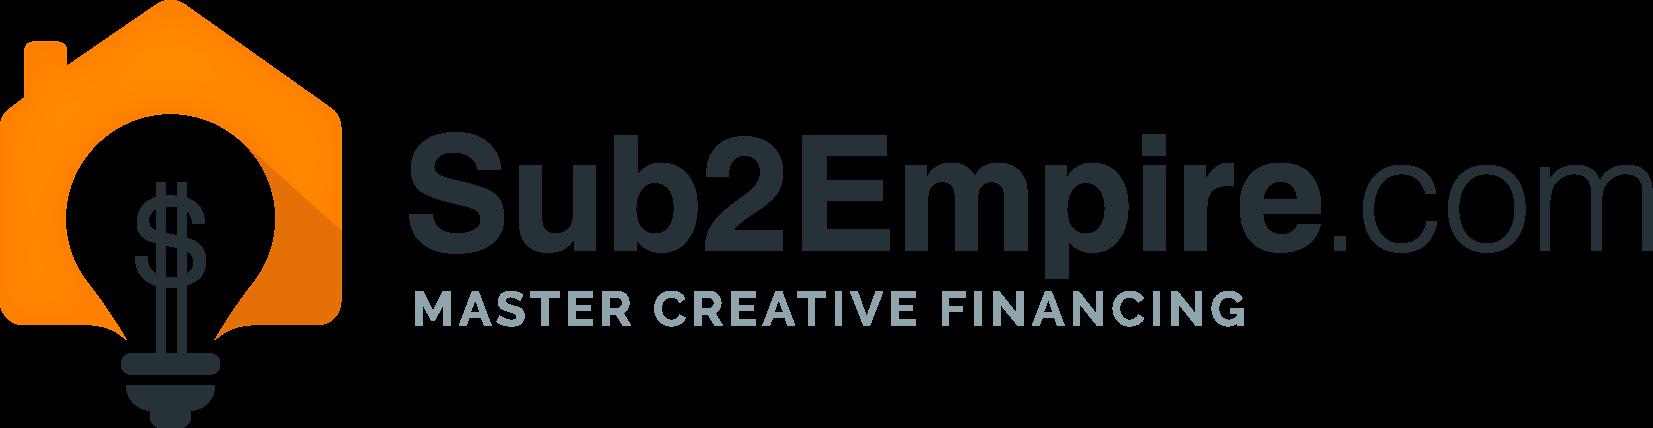 sub2empire.com logo